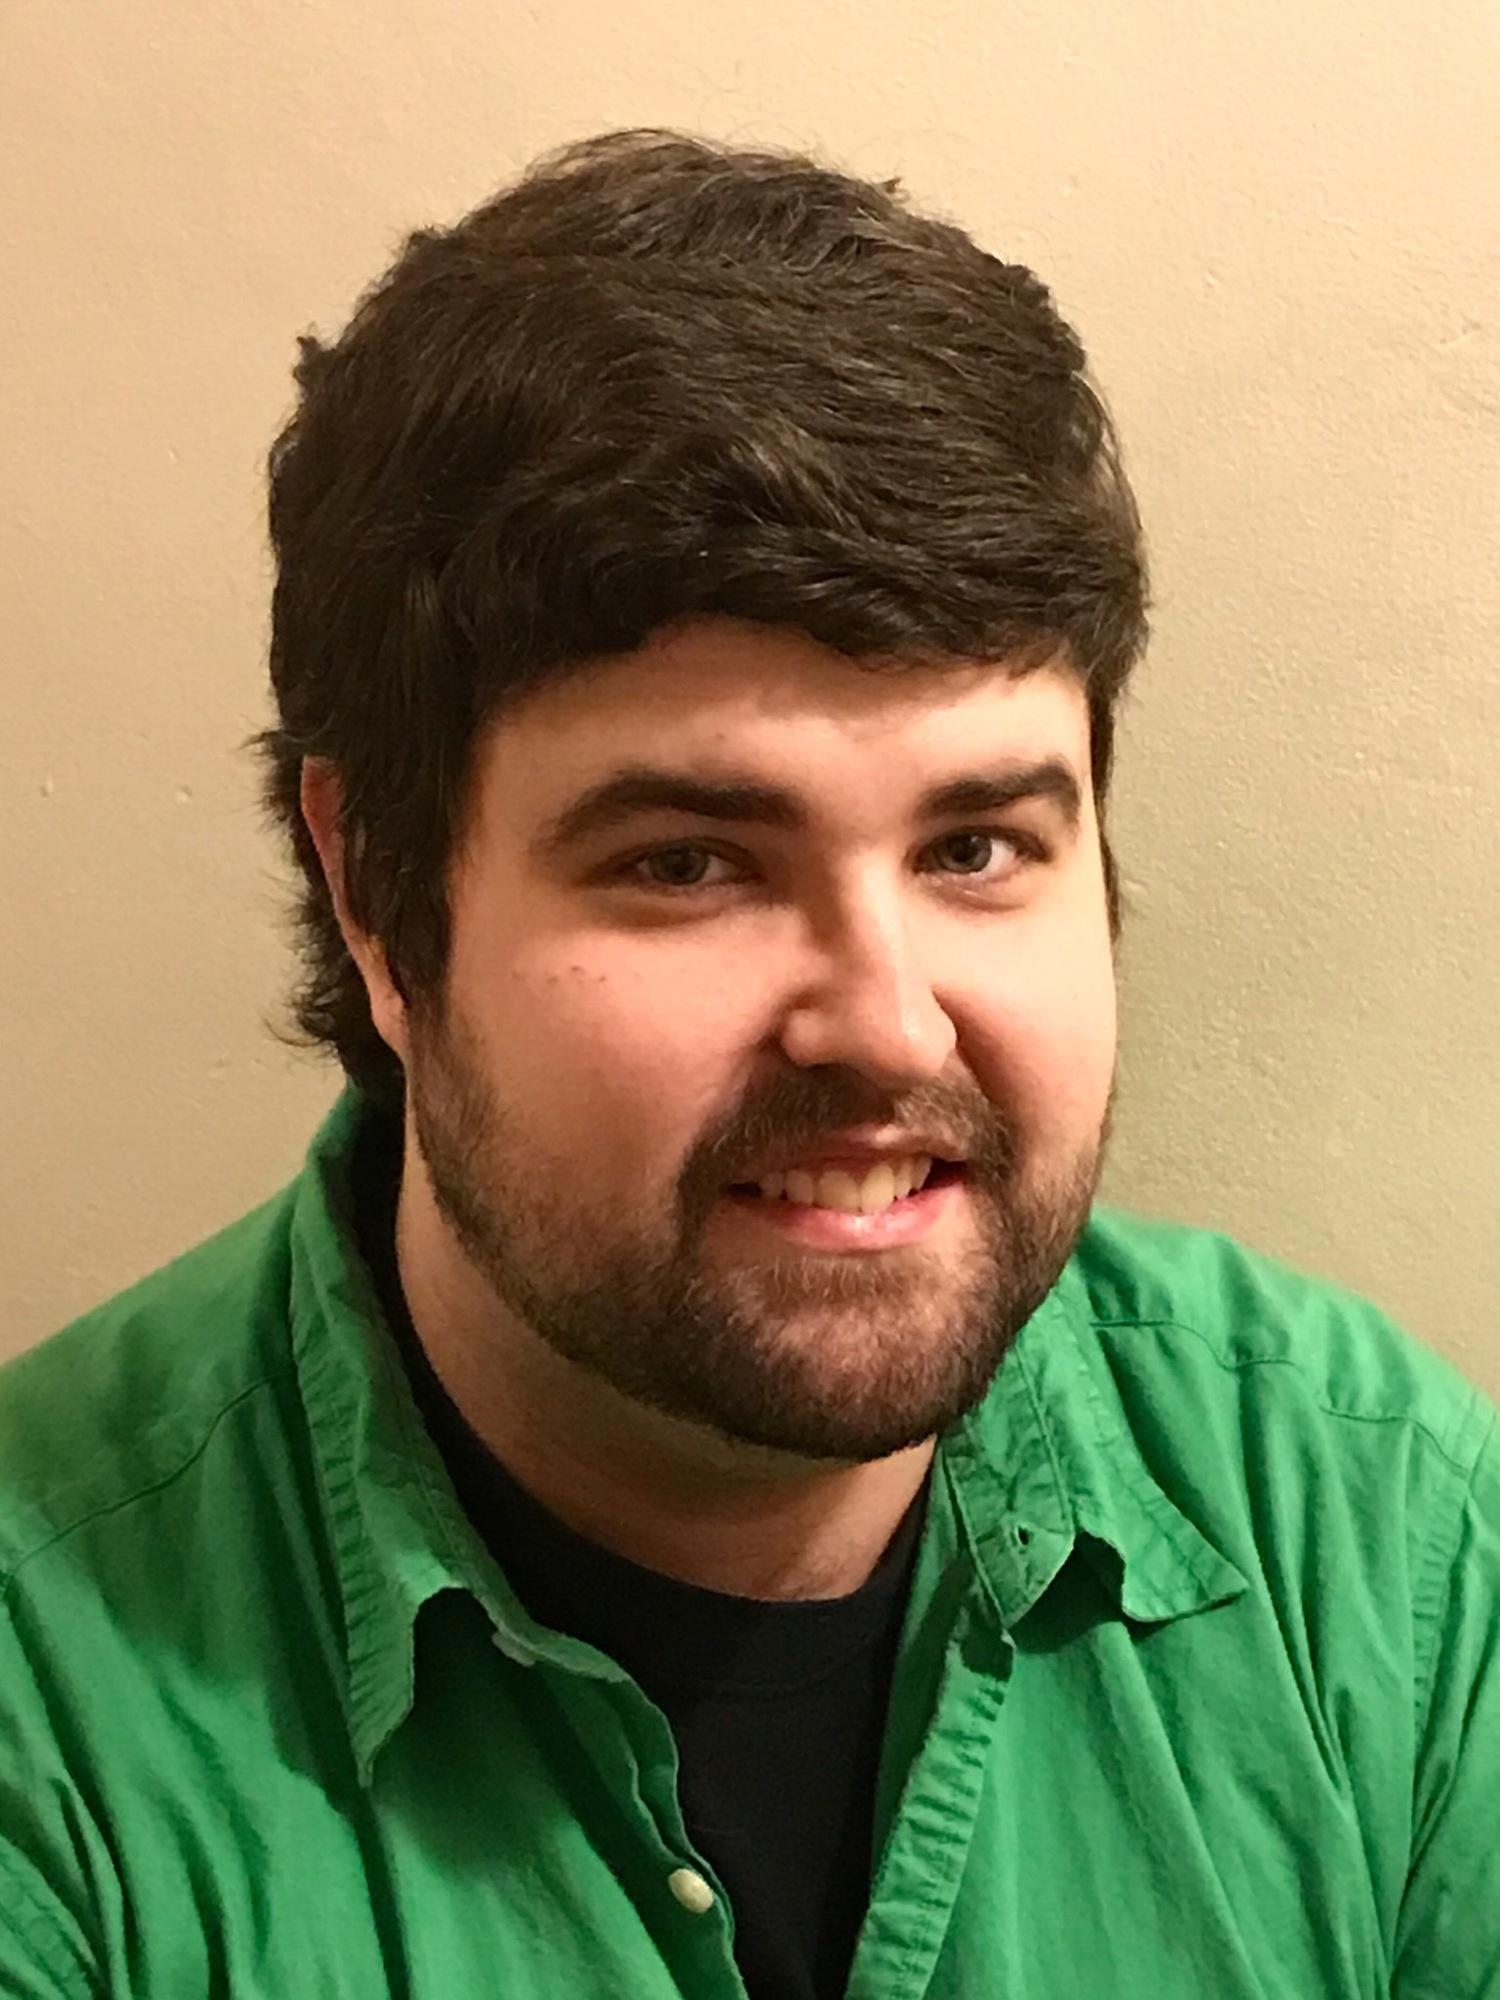 BWW Interview: Dylan Brozyna